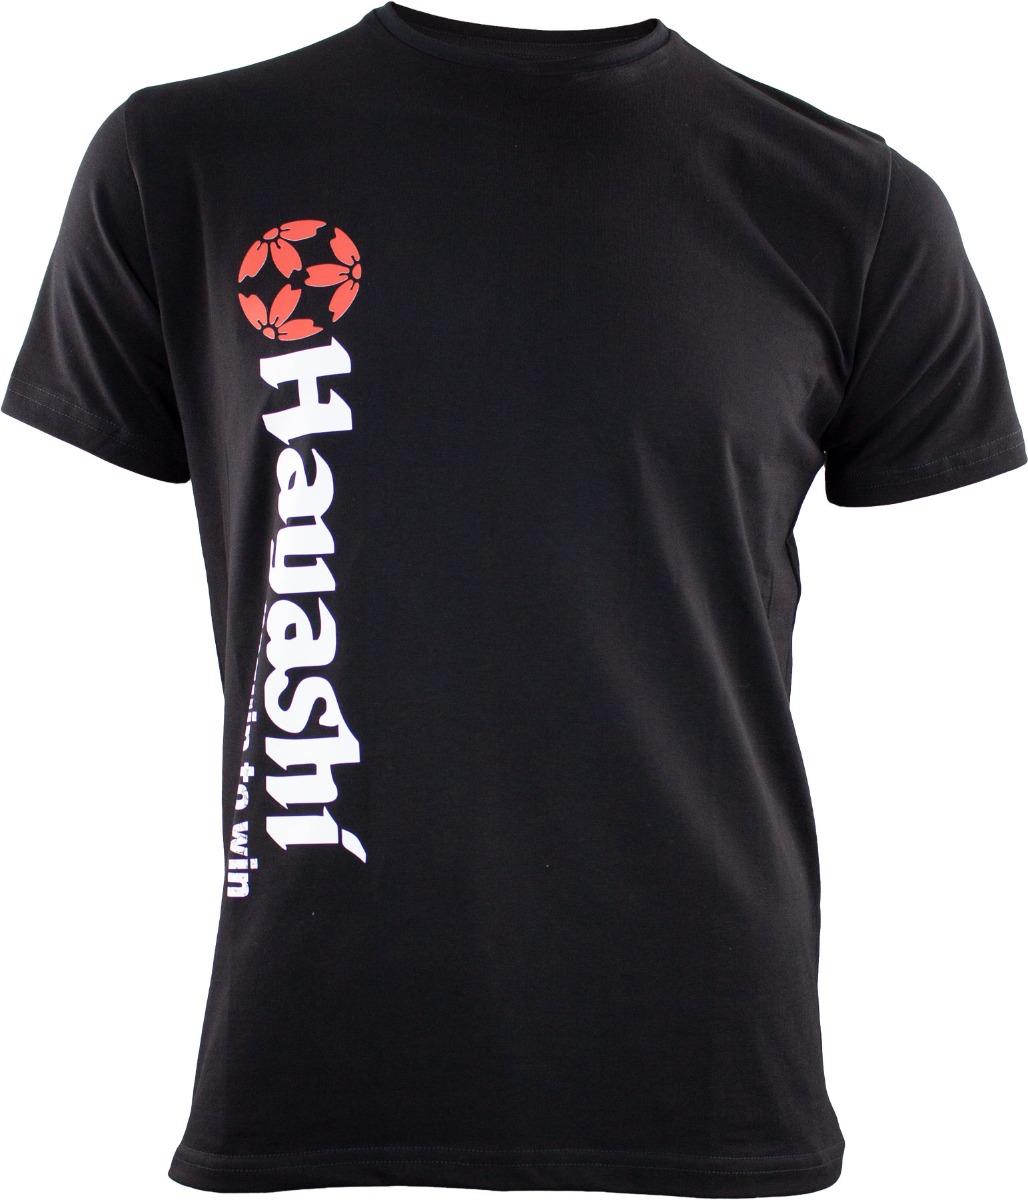 """Hayashi T-Shirt """"Equip to win"""" Vertical Perfection (Zwart)"""